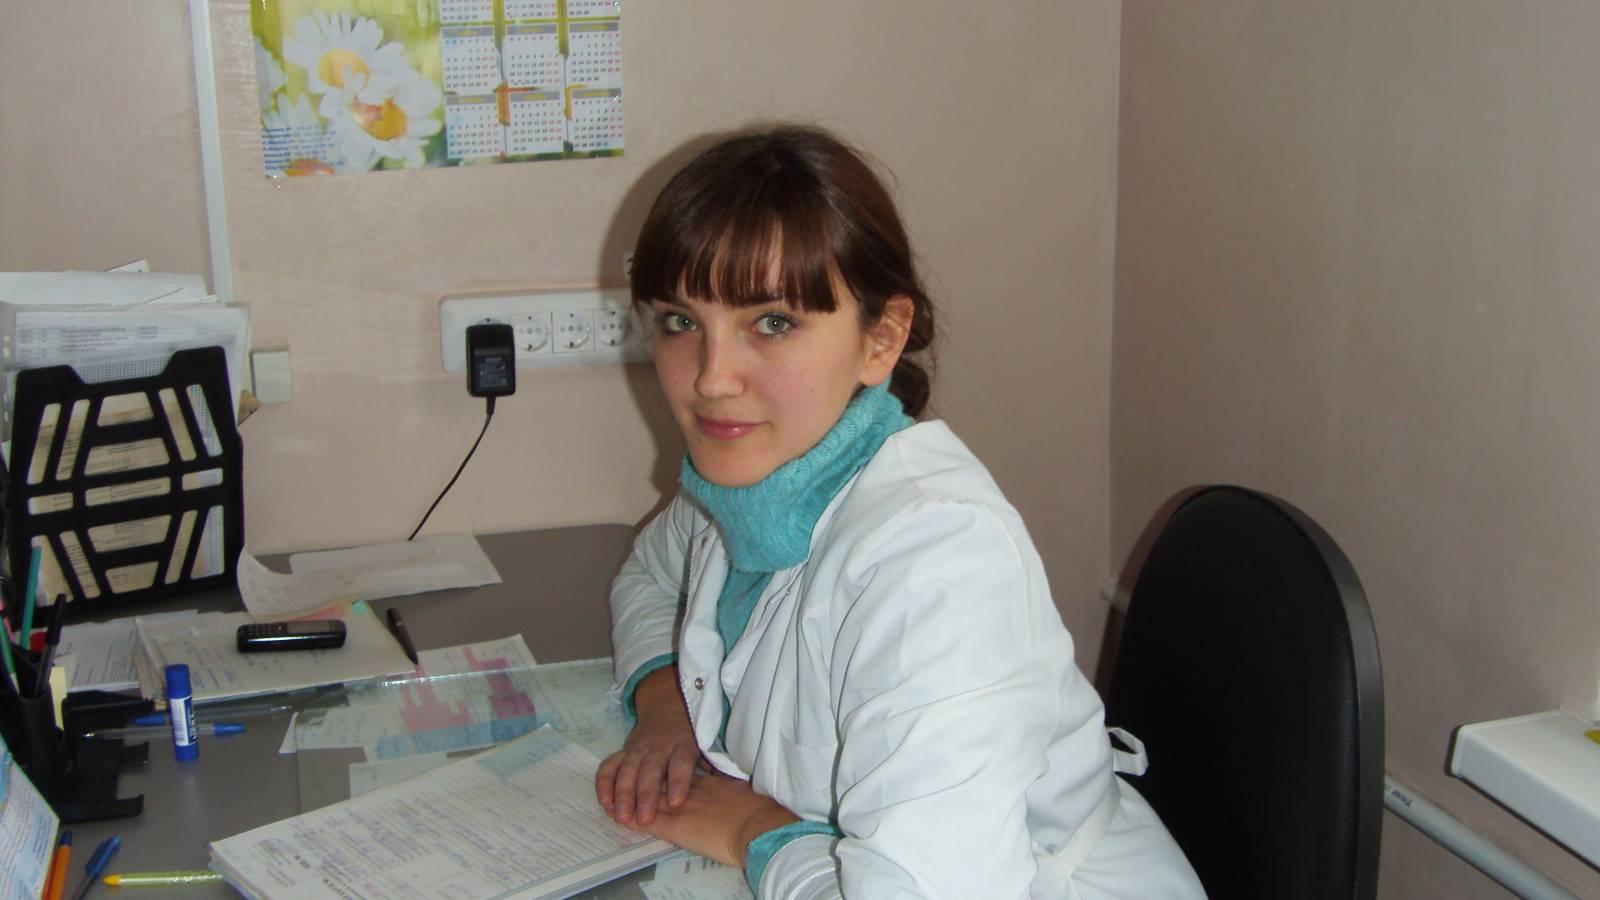 Г курск областная больница платные услуги